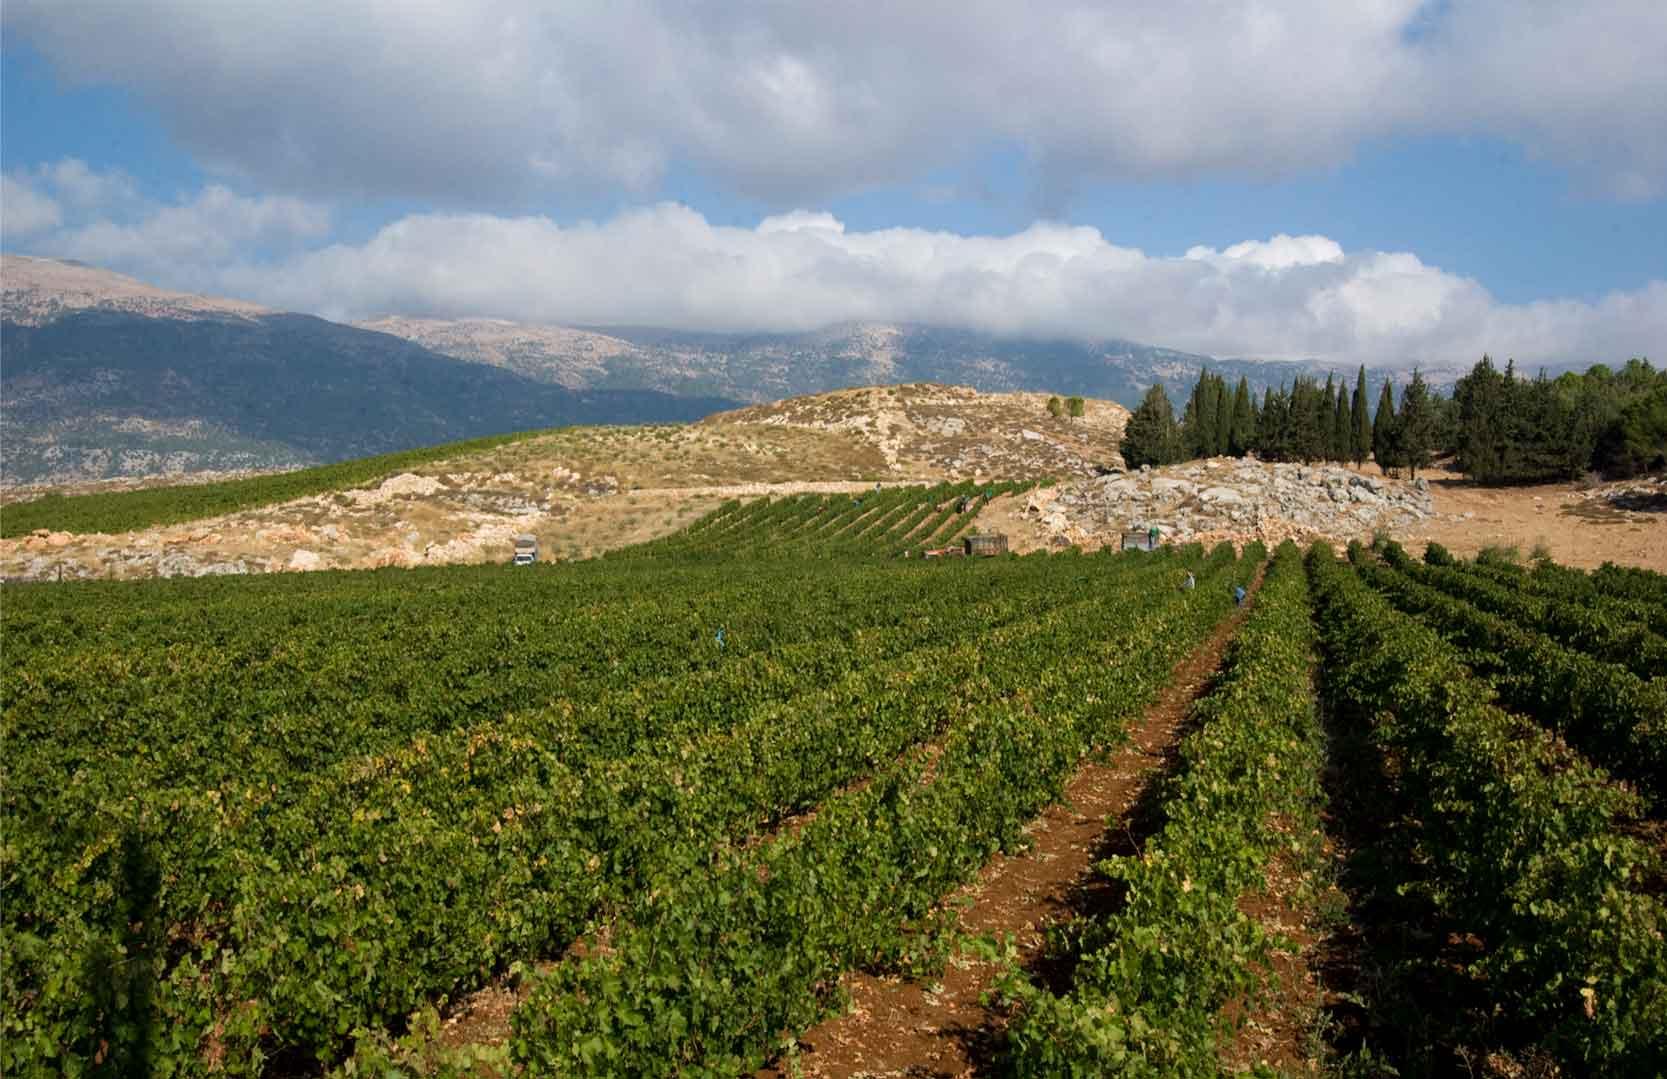 Weinfelder in der Bekaa Ebene